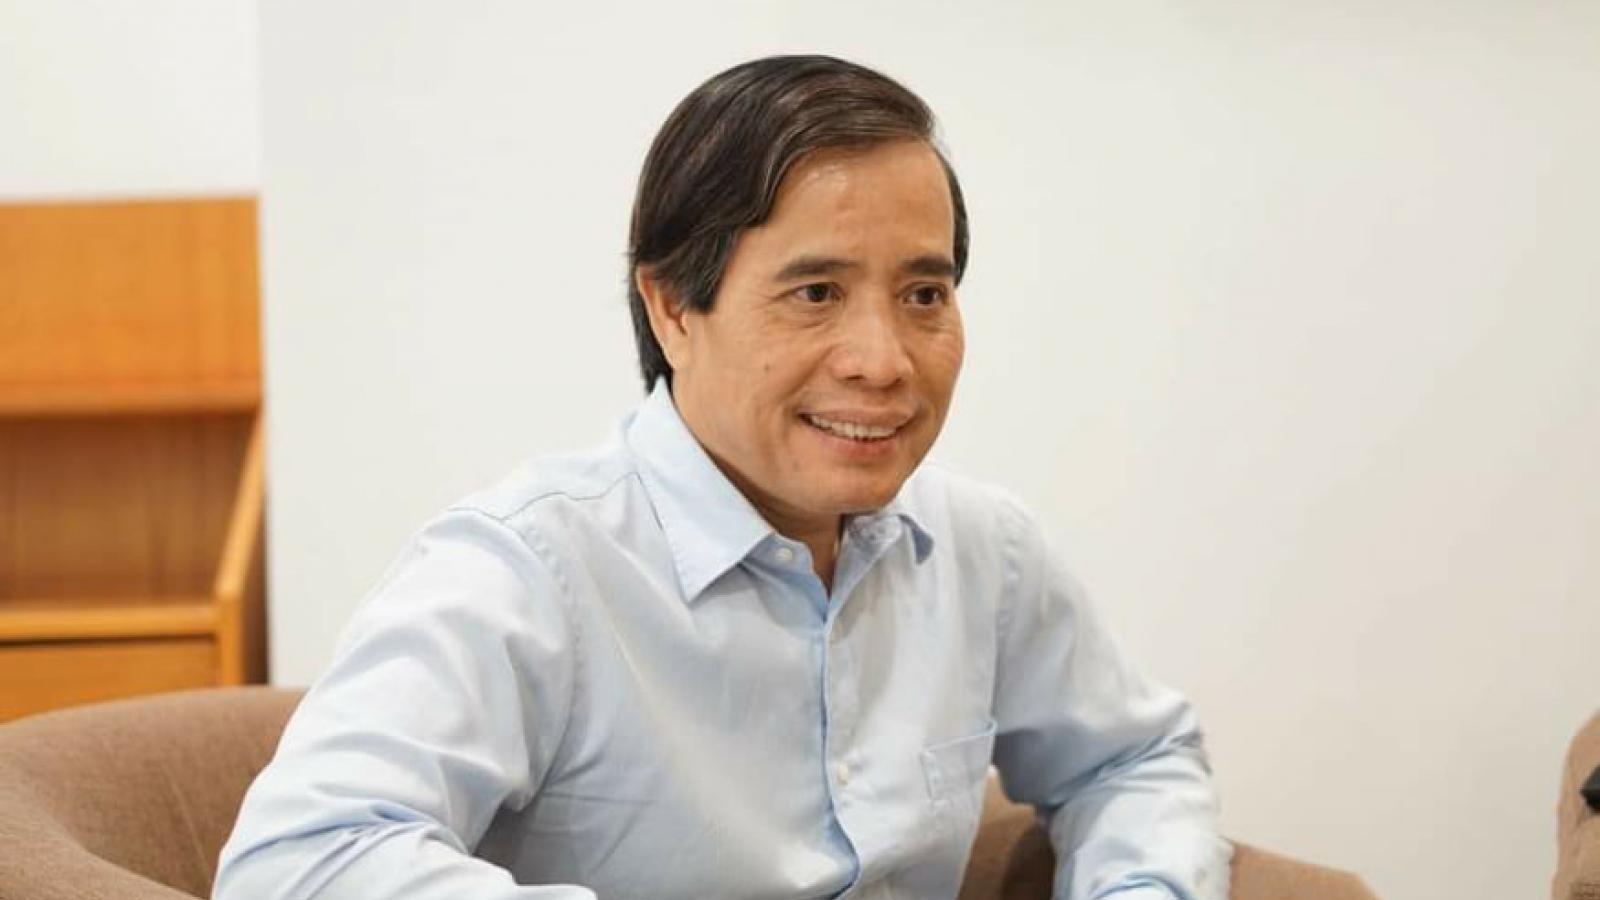 """Kỳ vọng """"Một Việt Nam trỗi dậy"""" từ năng lực dẫn dắt của bộ máy lãnh đạo mới"""